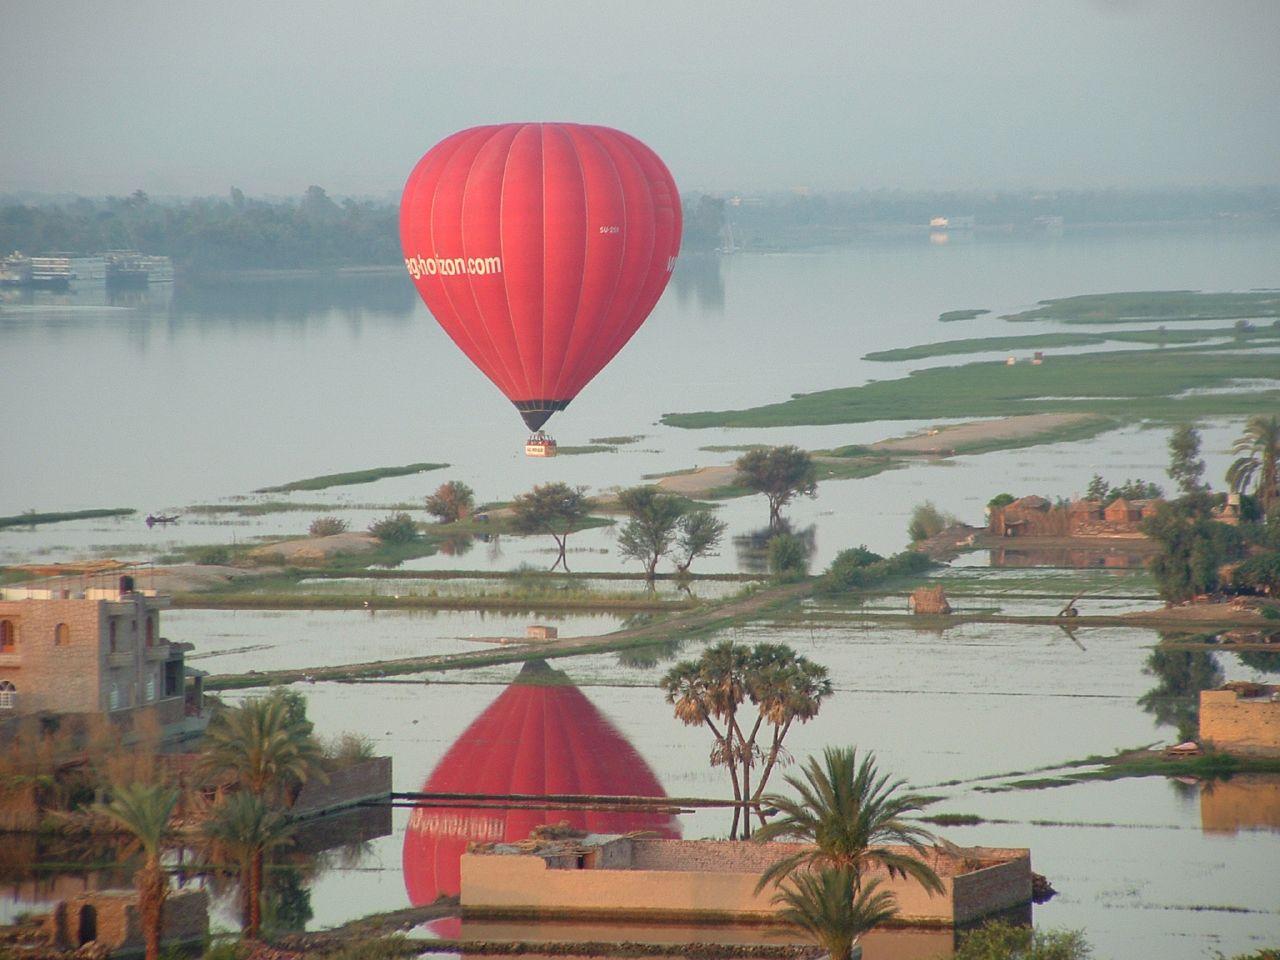 Воздушный шар над городом мертвых, Луксор